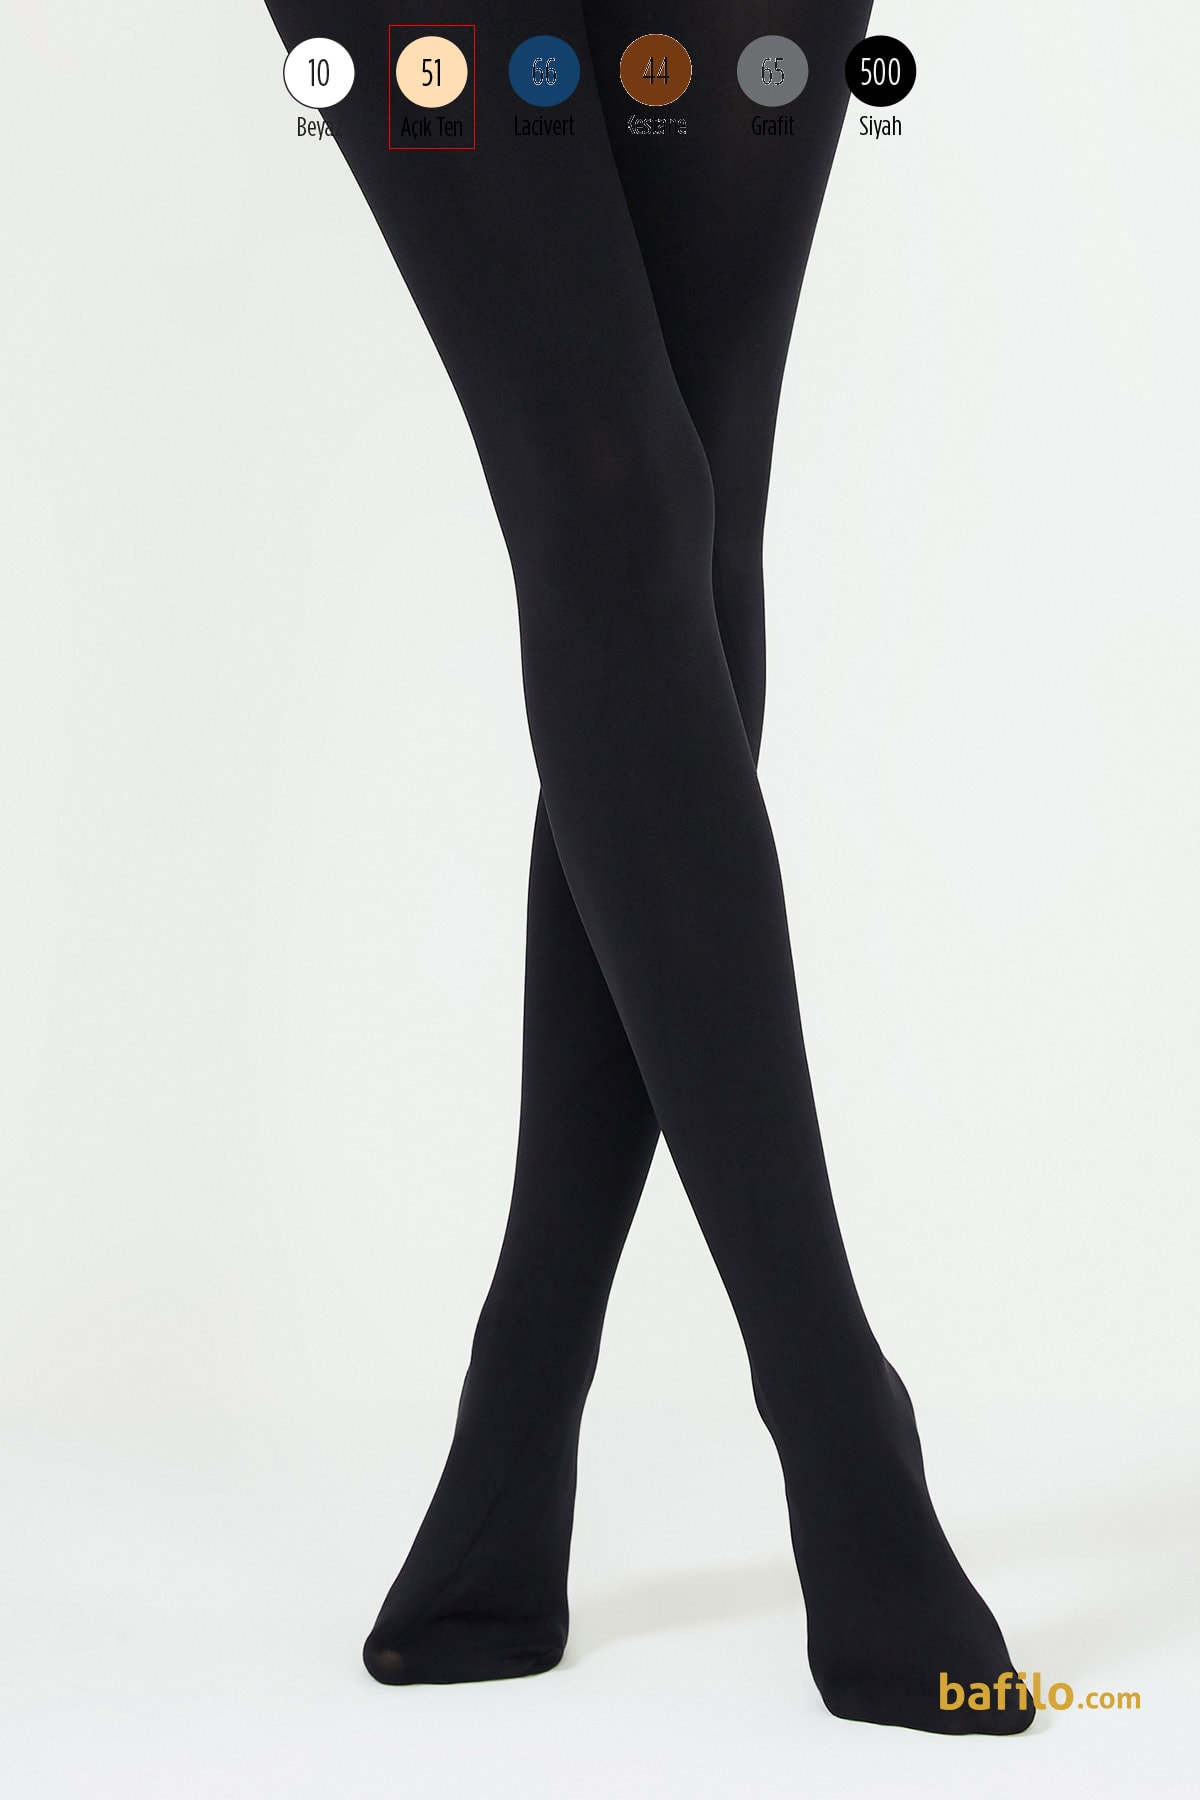 پنتی | Penti - جوراب شلواری ضخیم زنانه پنتی  Mikro 200 رنگ بدن روشن